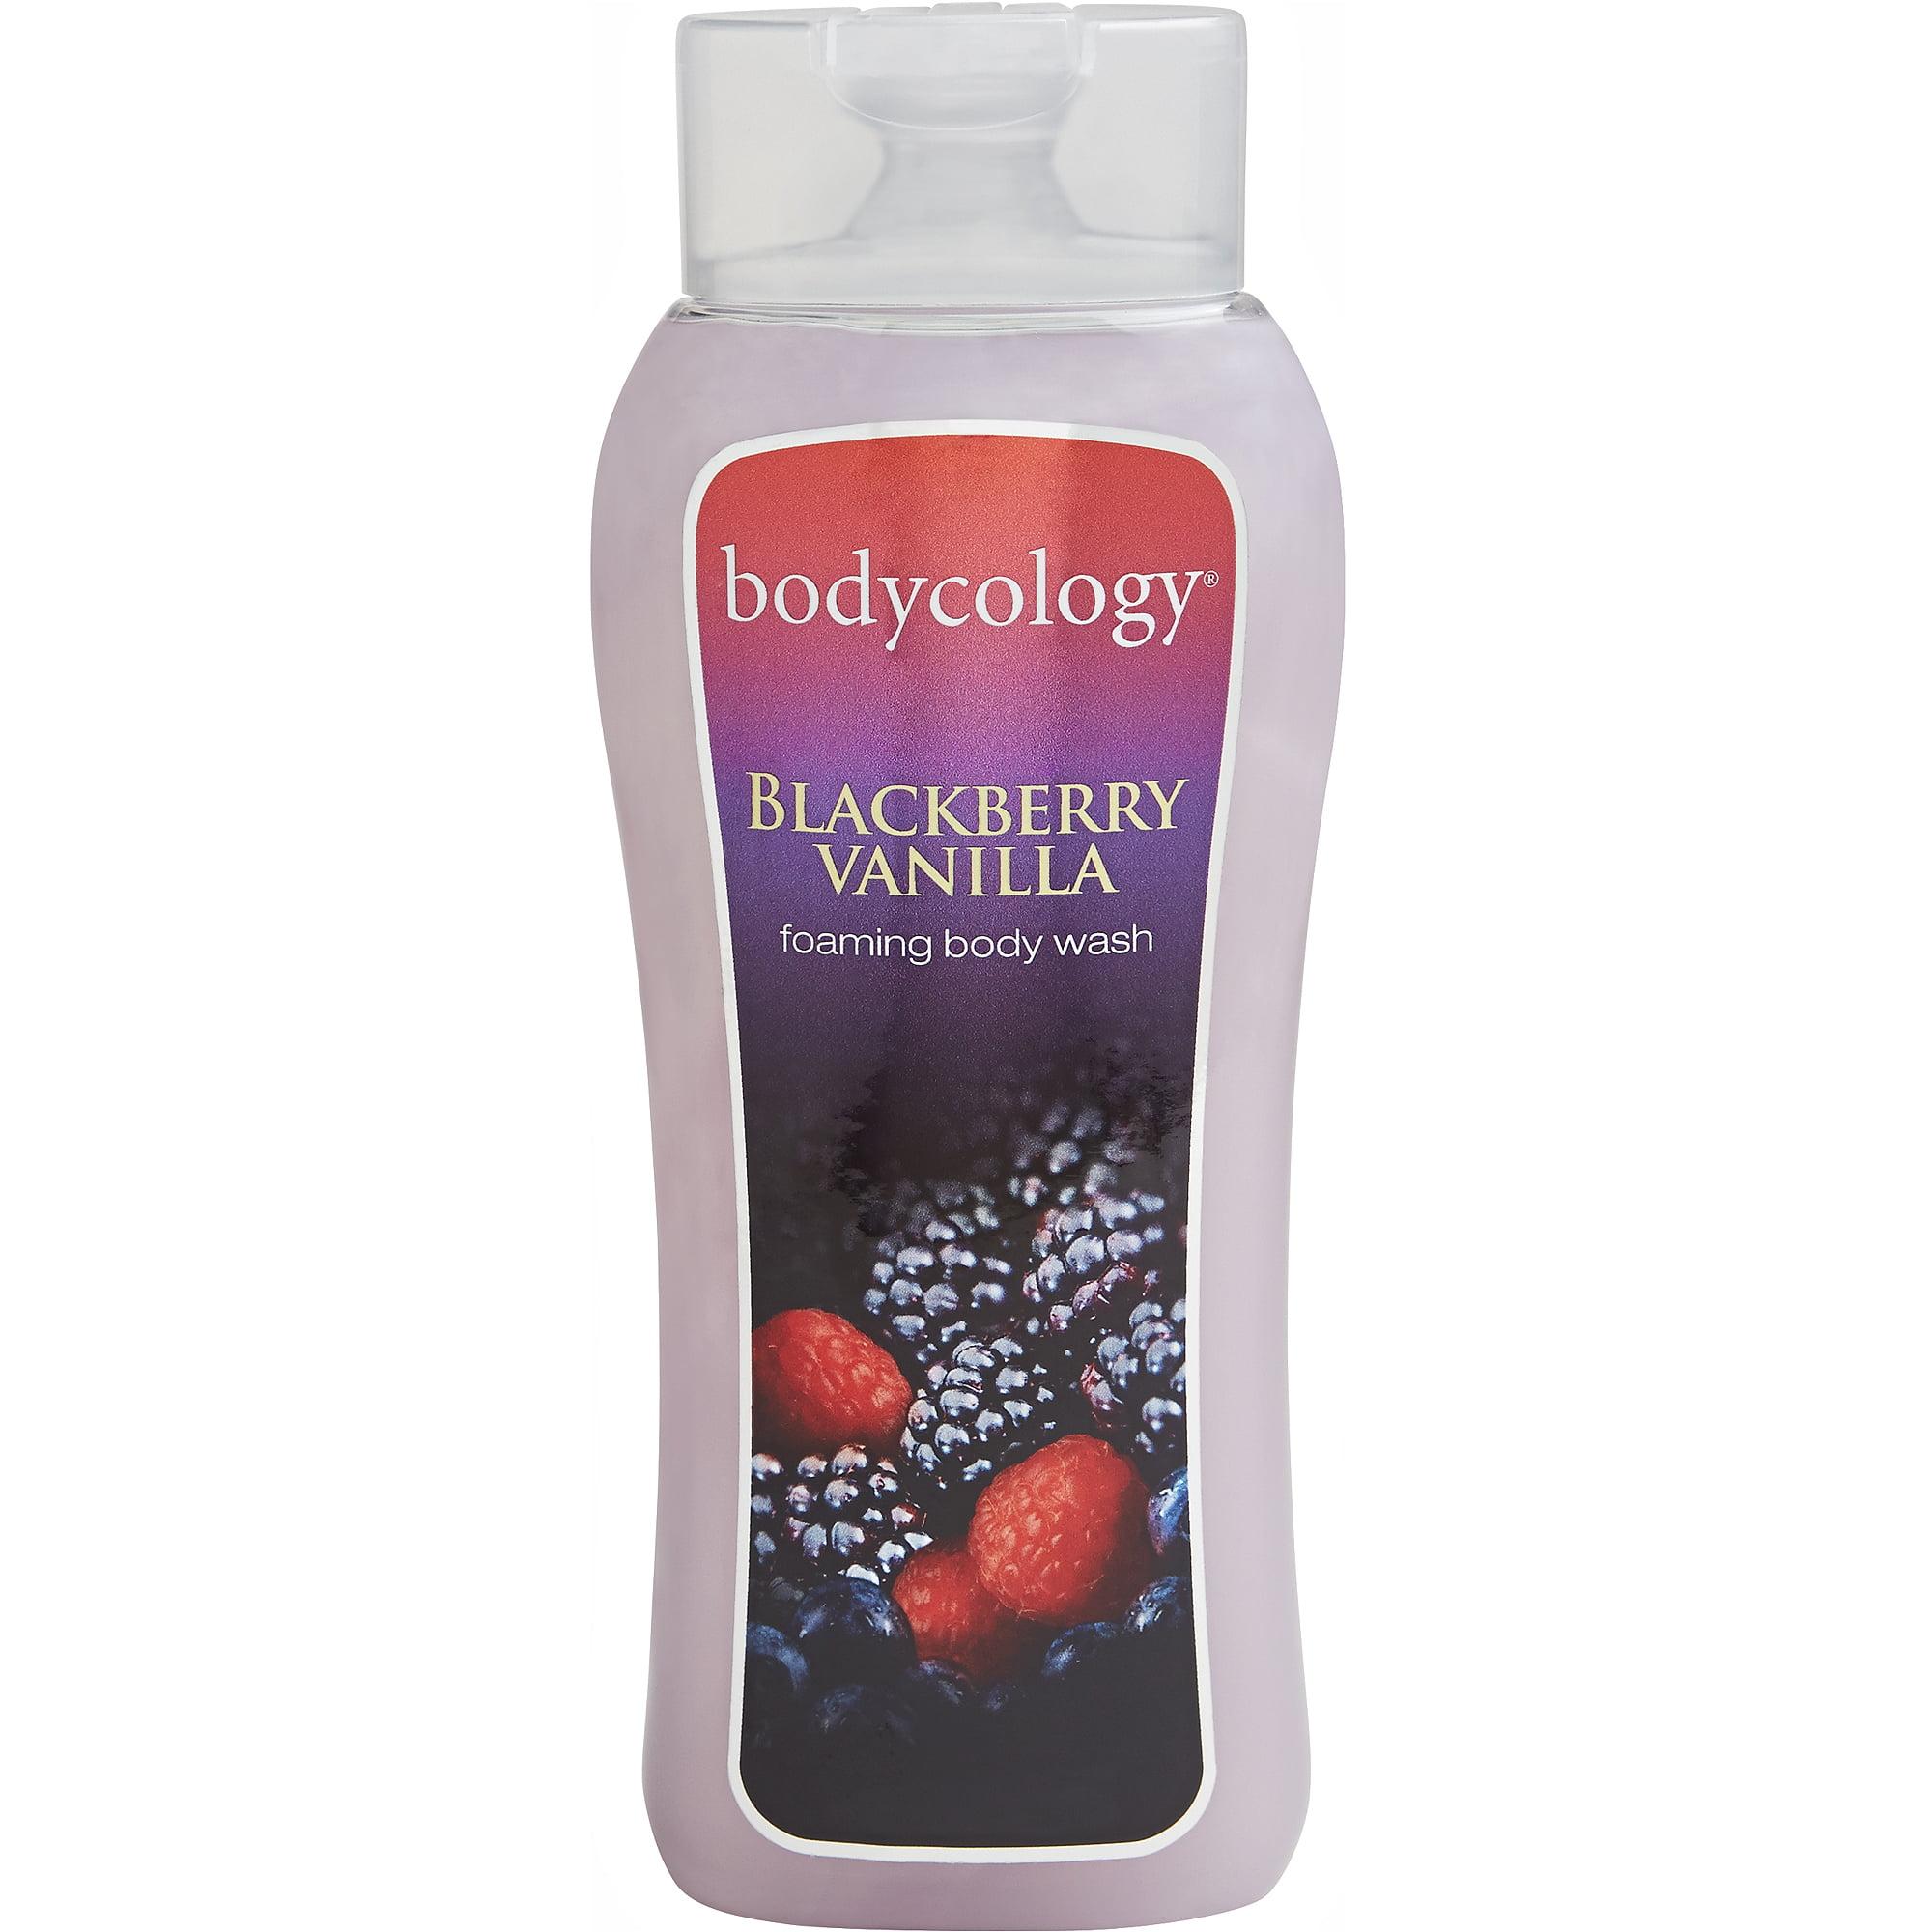 Bodycology Blackberry Vanilla Foaming Body Wash, 16 fl oz